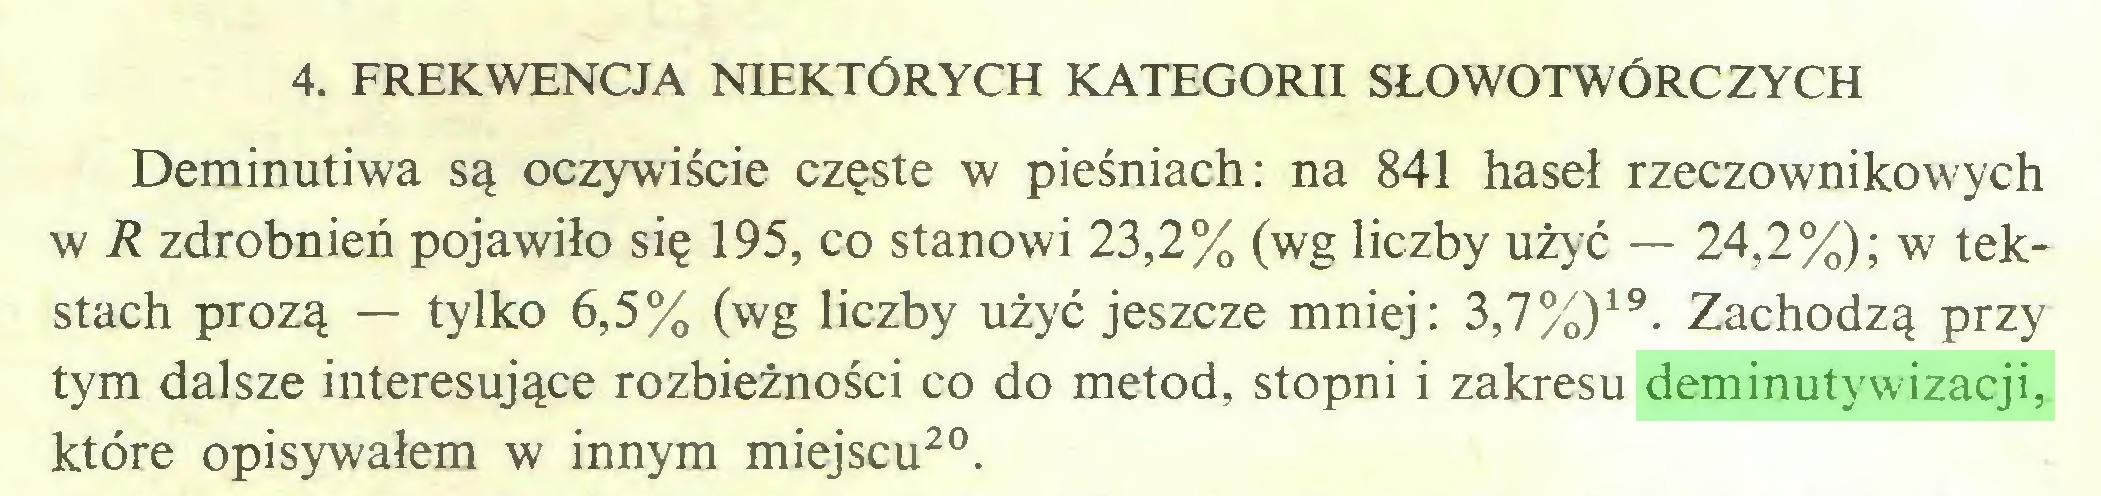 (...) 4. FREKWENCJA NIEKTÓRYCH KATEGORII SŁOWOTWÓRCZYCH Deminutiwa są oczywiście częste w pieśniach: na 841 haseł rzeczownikowych w R zdrobnień pojawiło się 195, co stanowi 23,2% (wg liczby użyć — 24,2%); w tekstach prozą — tylko 6,5% (wg liczby użyć jeszcze mniej: 3,7%)19. Zachodzą przy tym dalsze interesujące rozbieżności co do metod, stopni i zakresu deminutywizacji, które opisywałem w innym miejscu20...